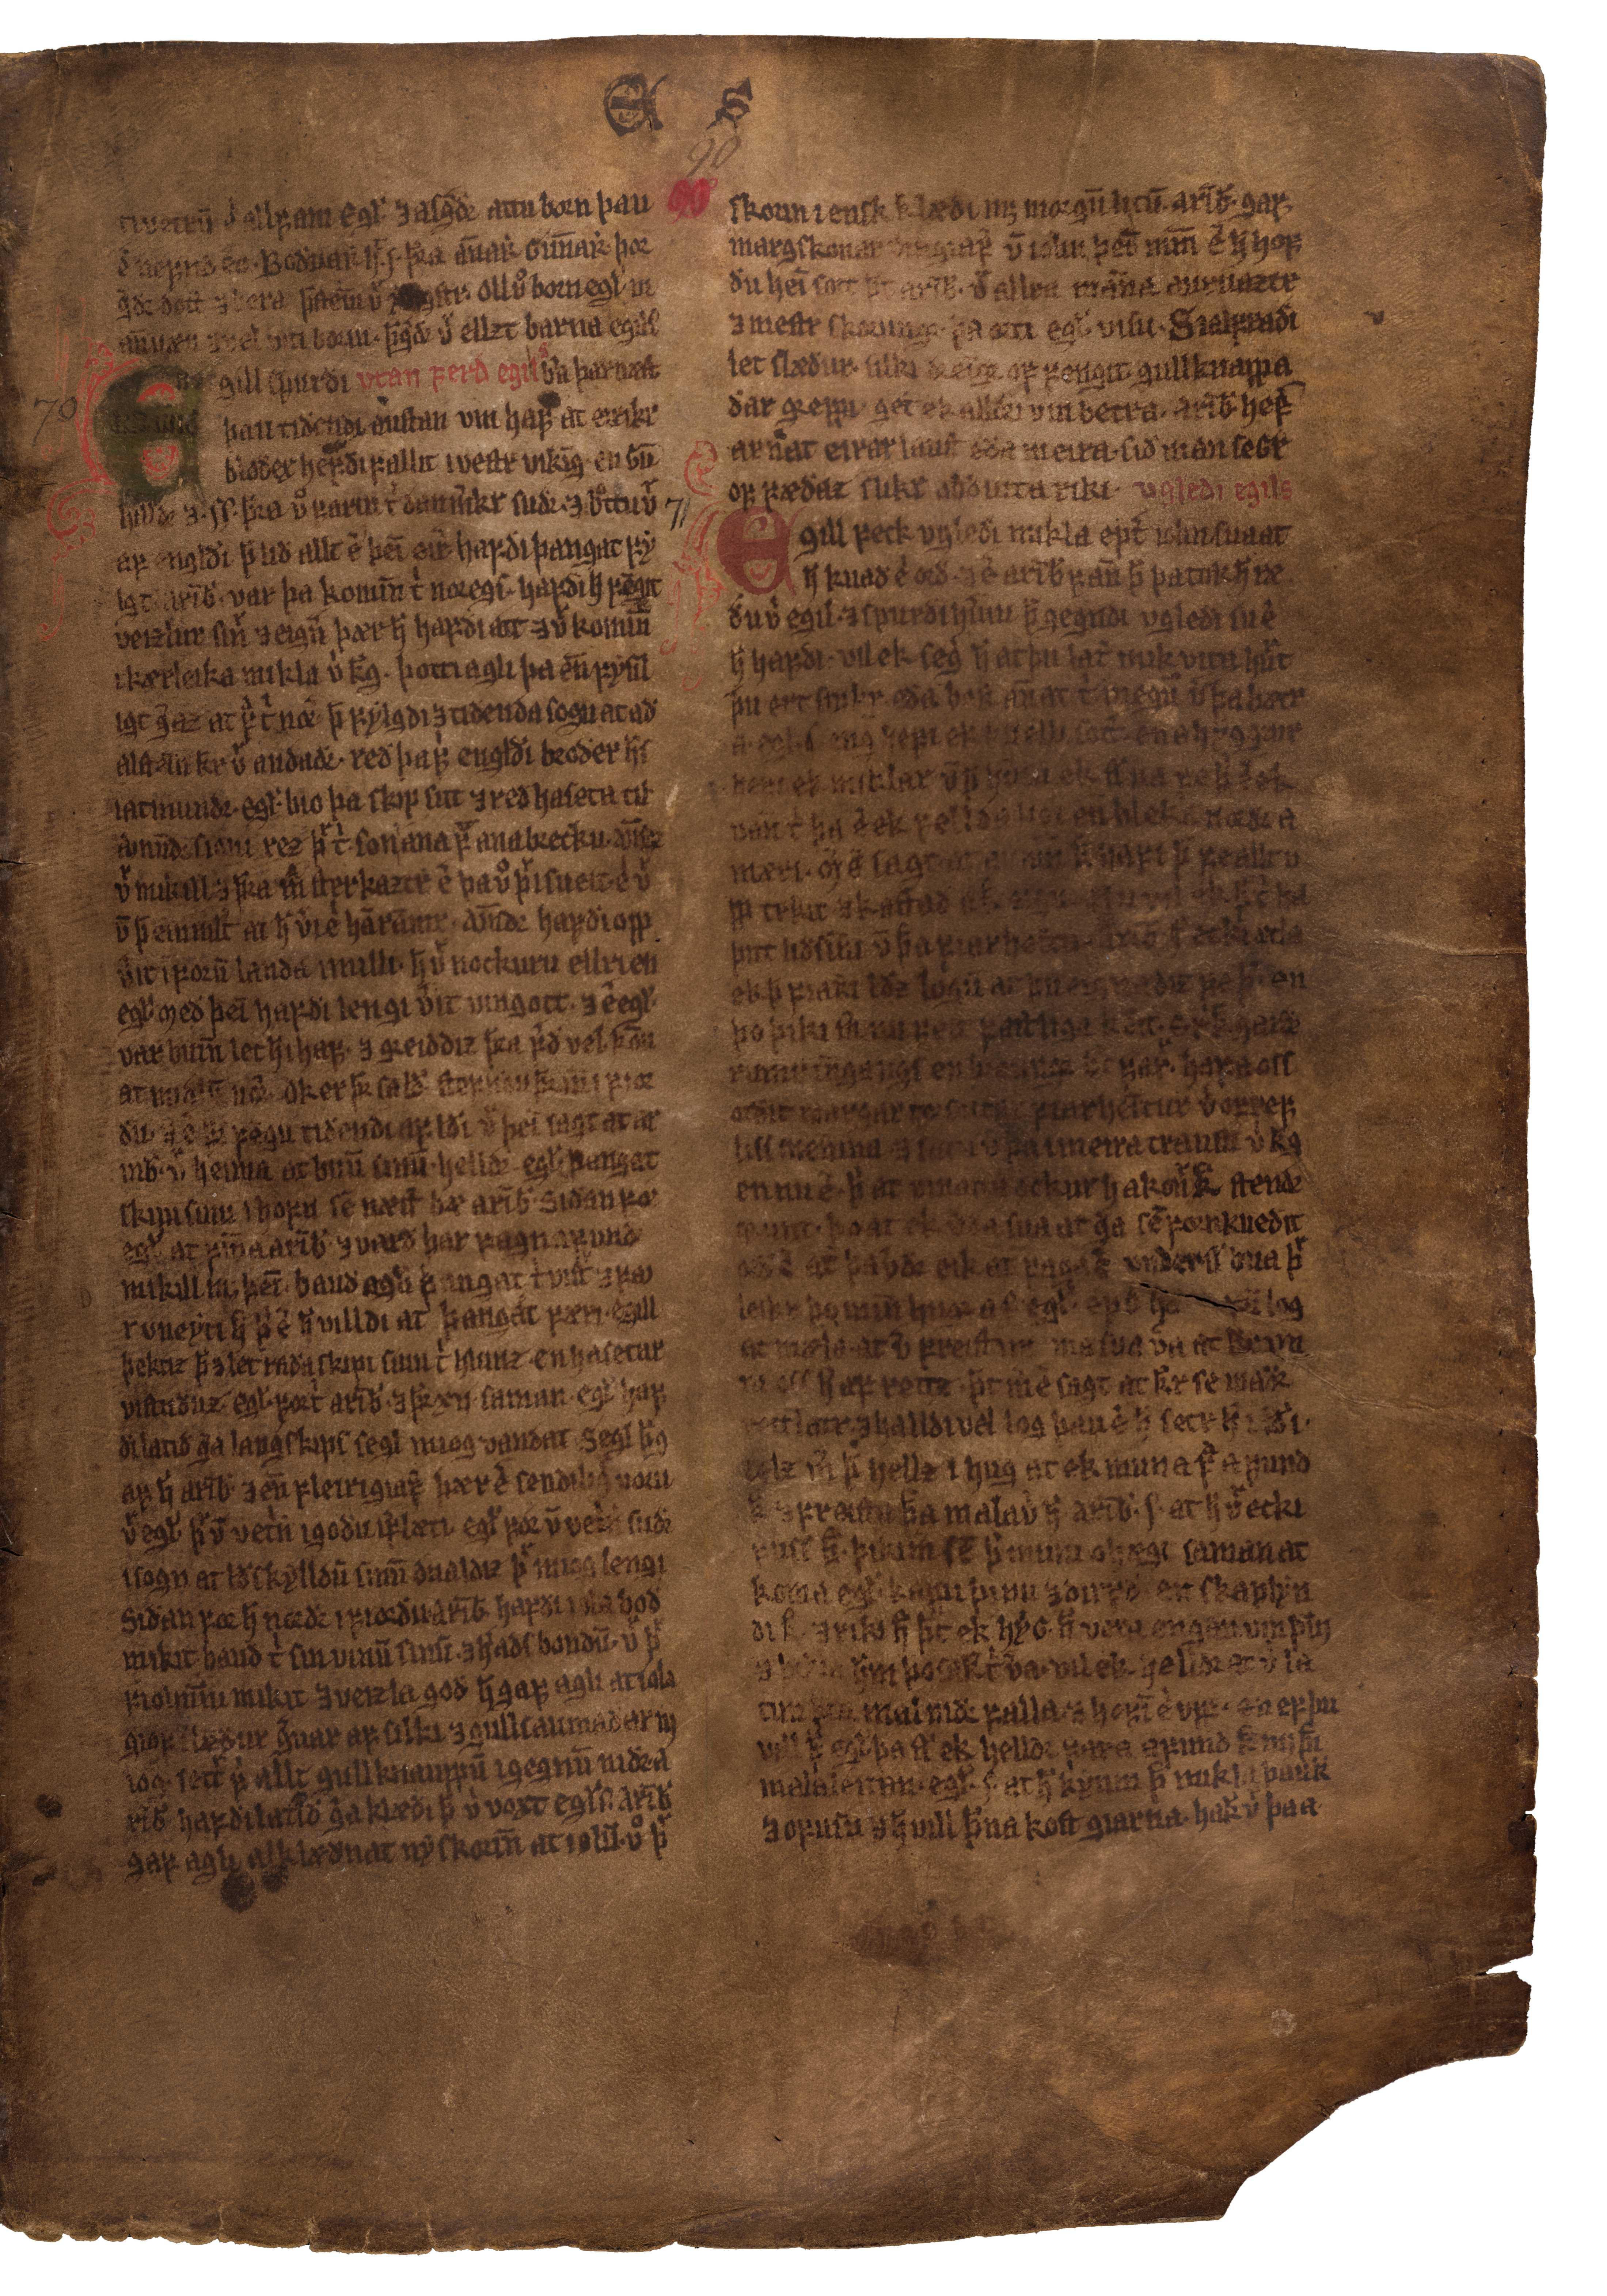 AM 132 fol - 90r